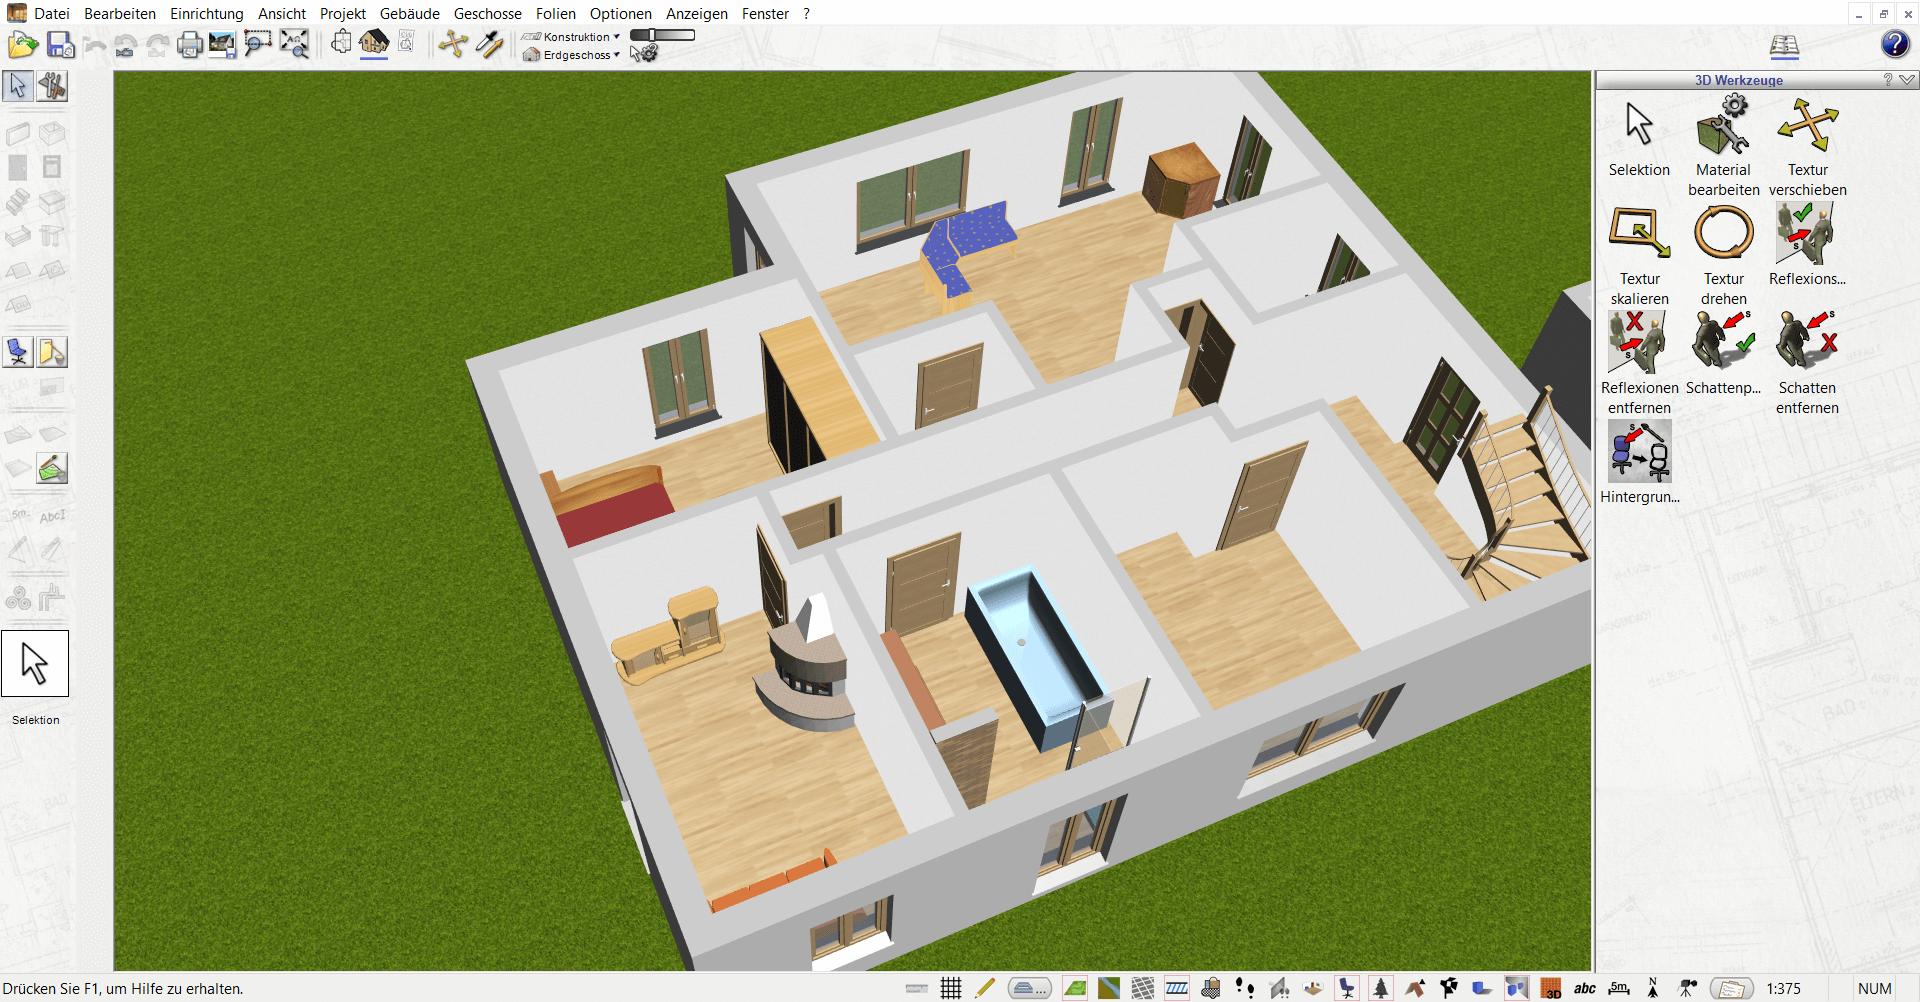 Raumplanung in 3D